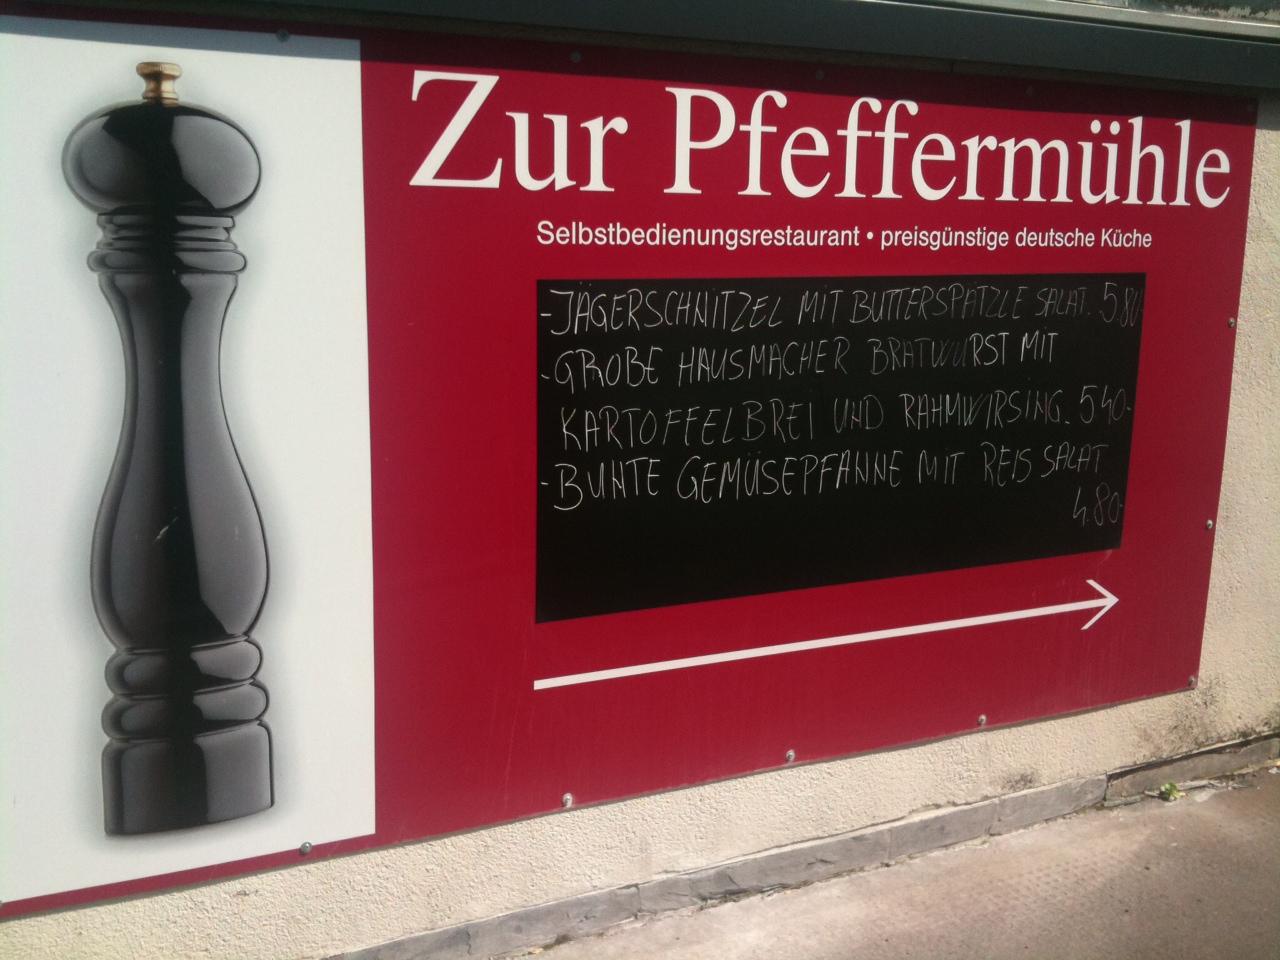 Zur Pfeffermühle – Kantine im Frankfurter Bahnhofsviertel